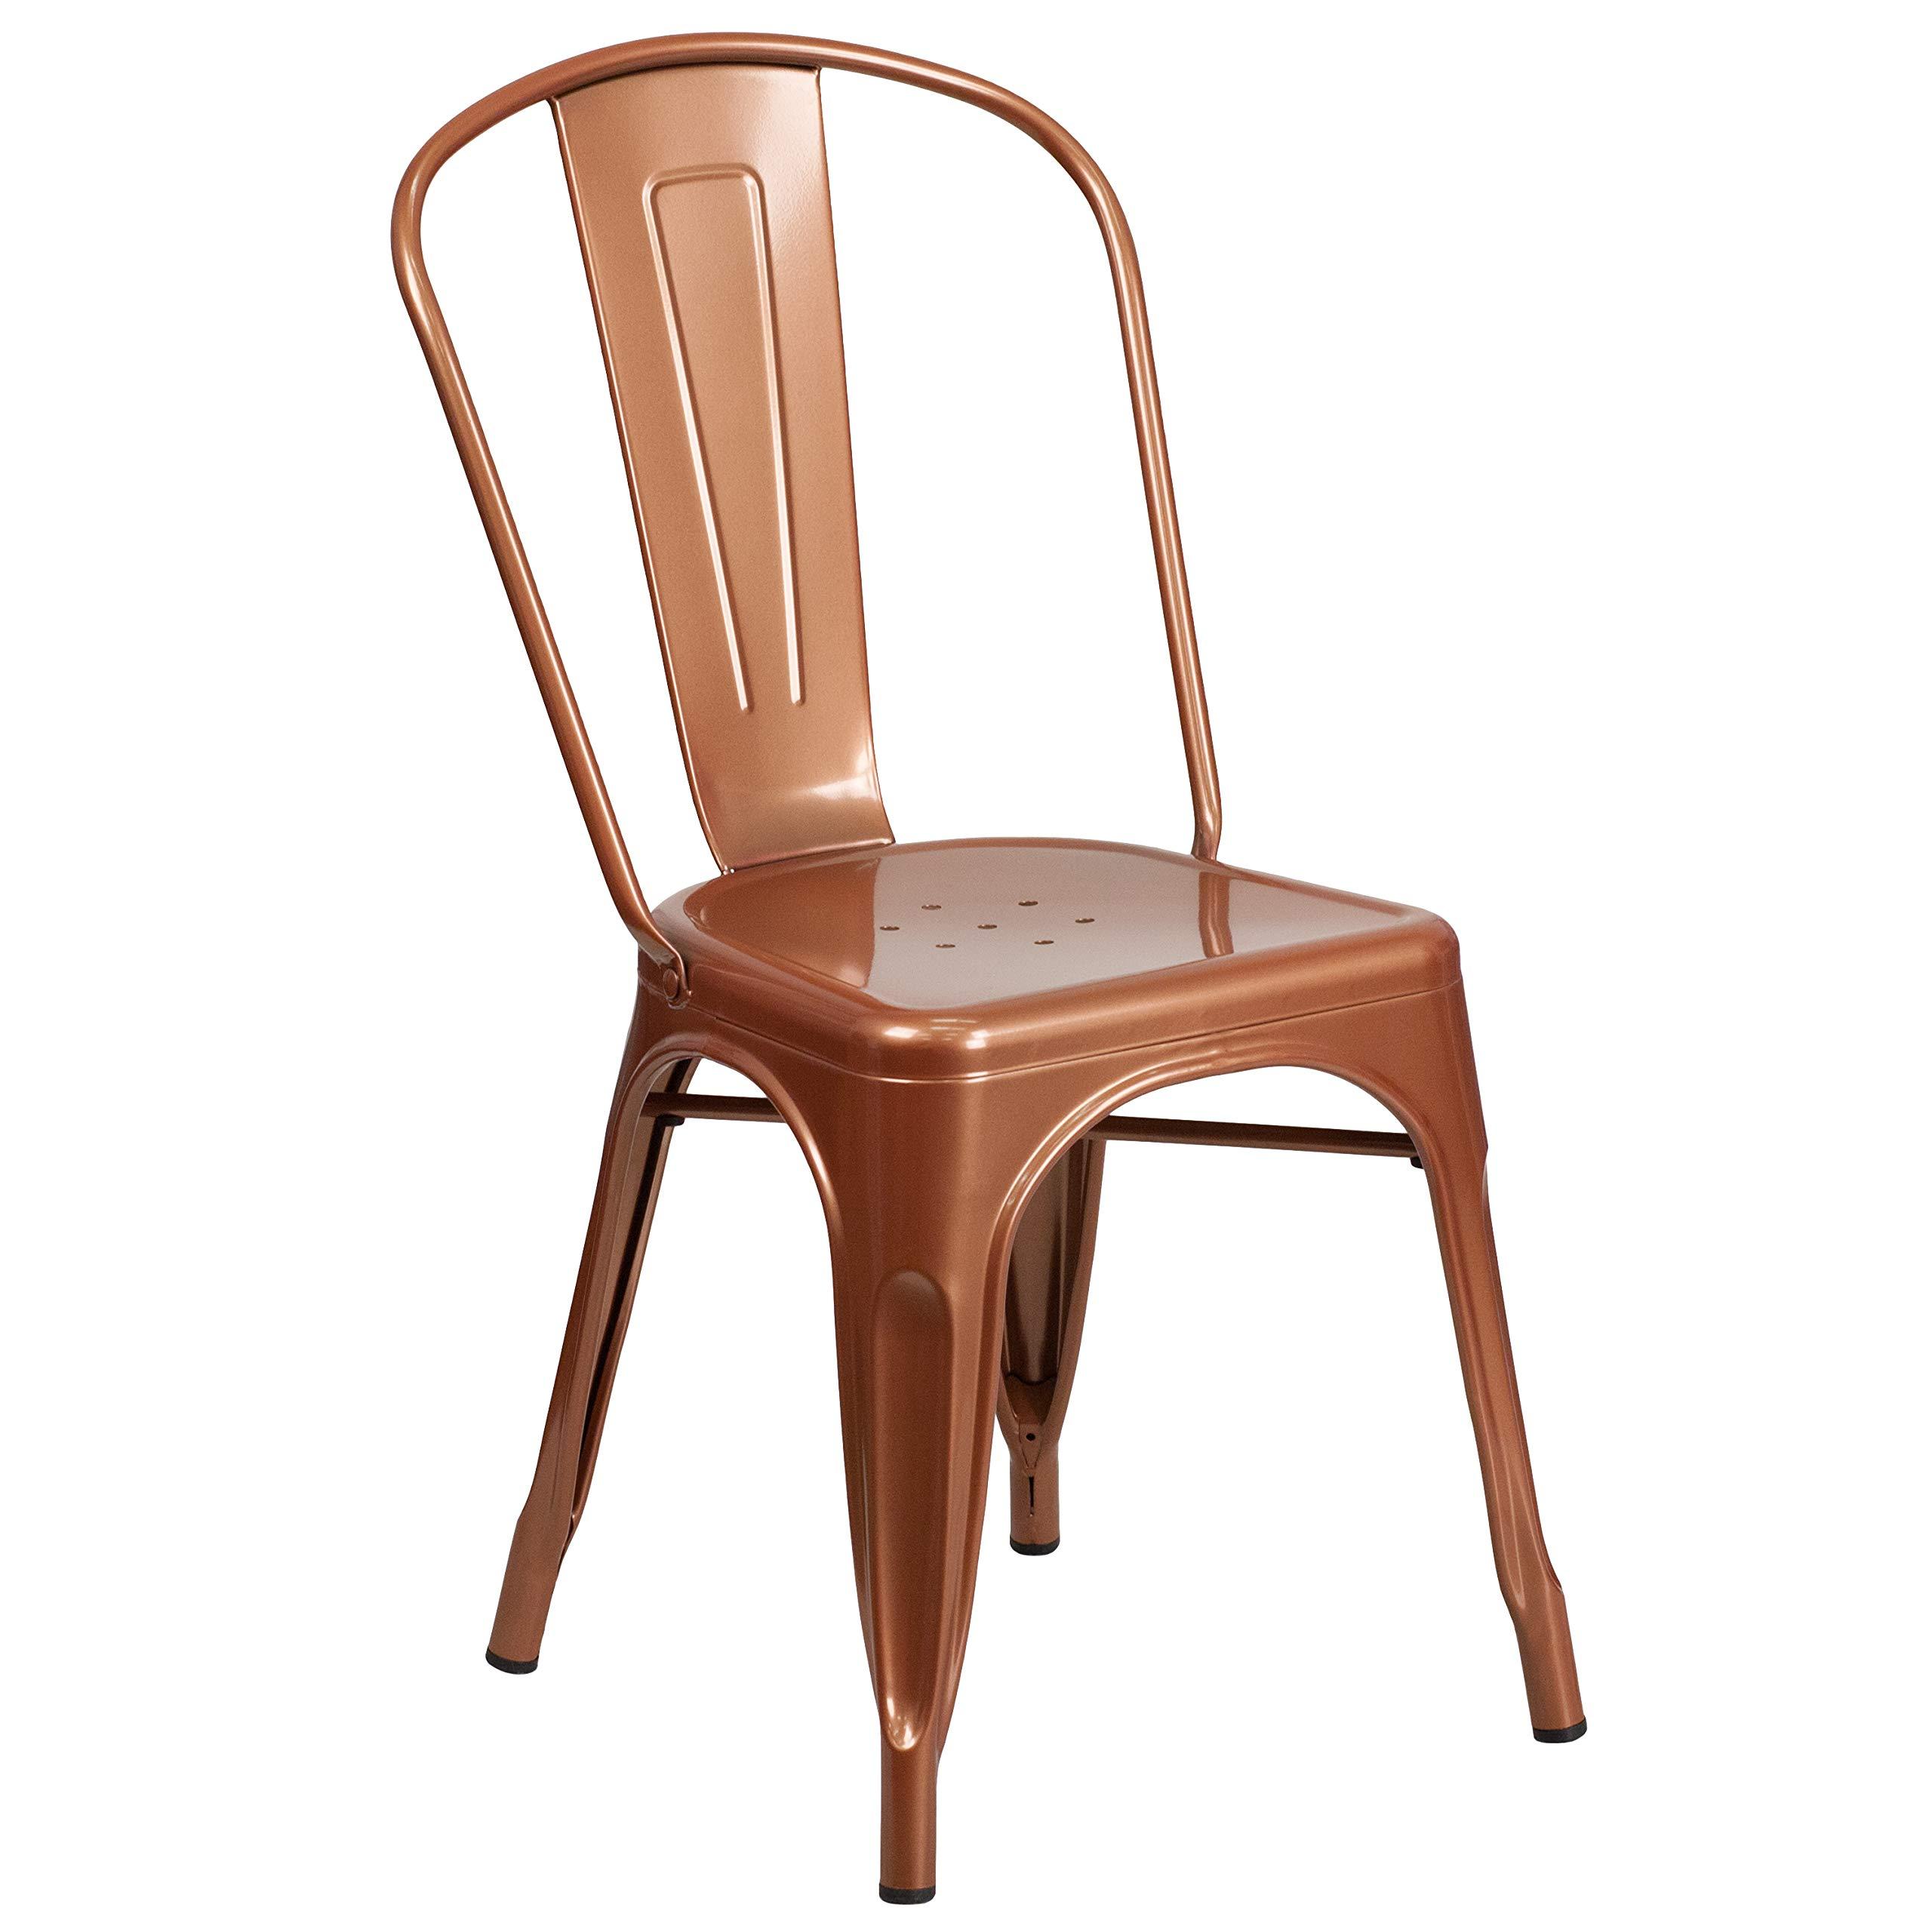 Flash Furniture Copper Metal Indoor-Outdoor Stackable Chair